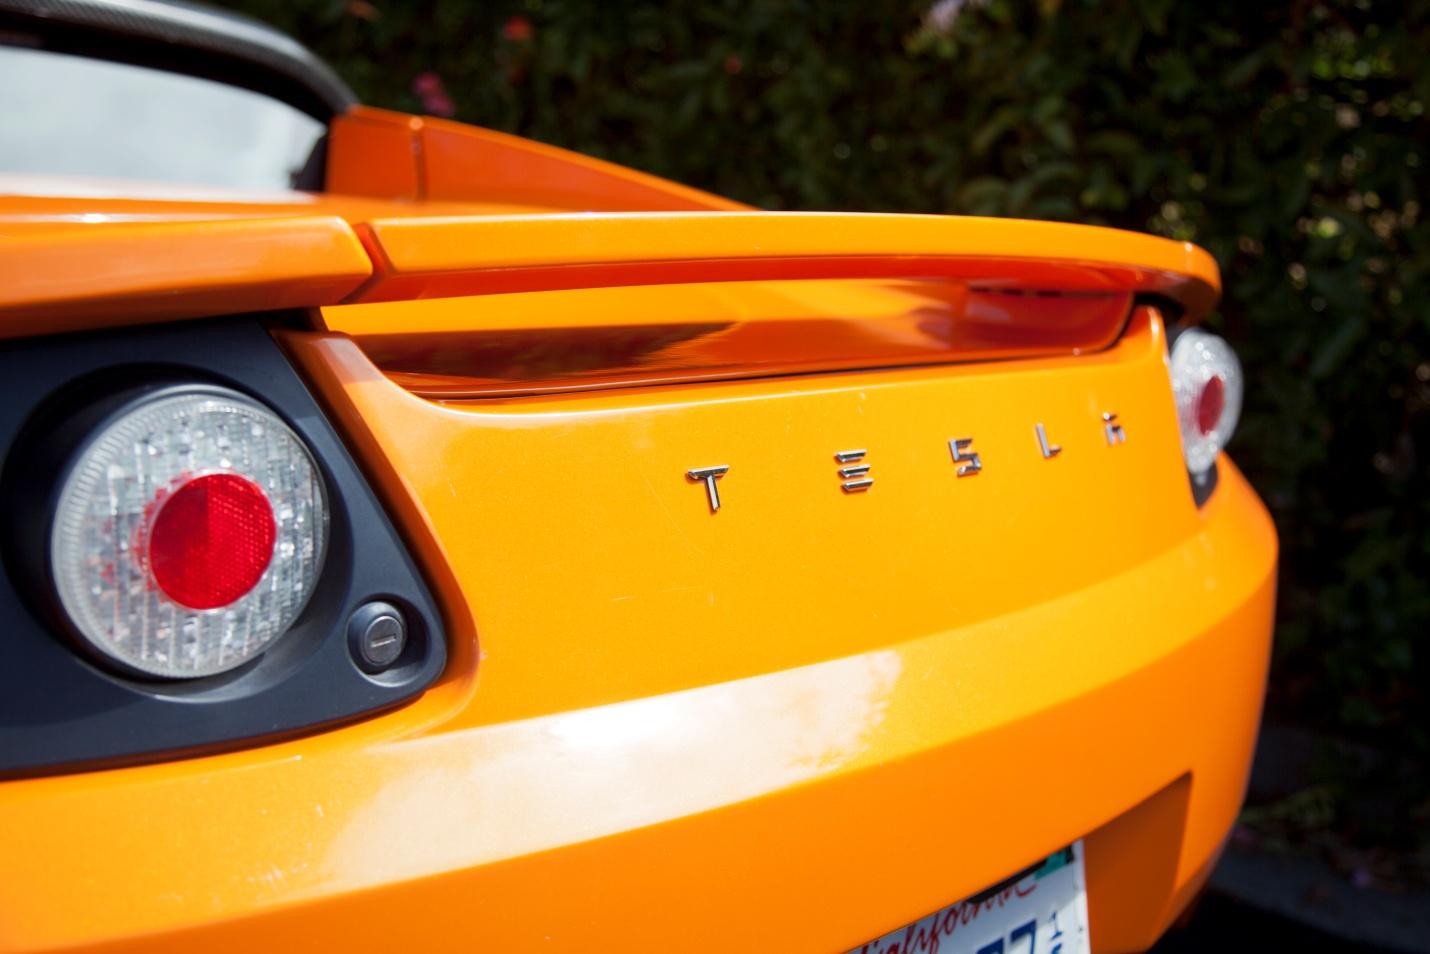 Ce que nous réserve Tesla pour la commercialisation de son prochain coupé Roadster